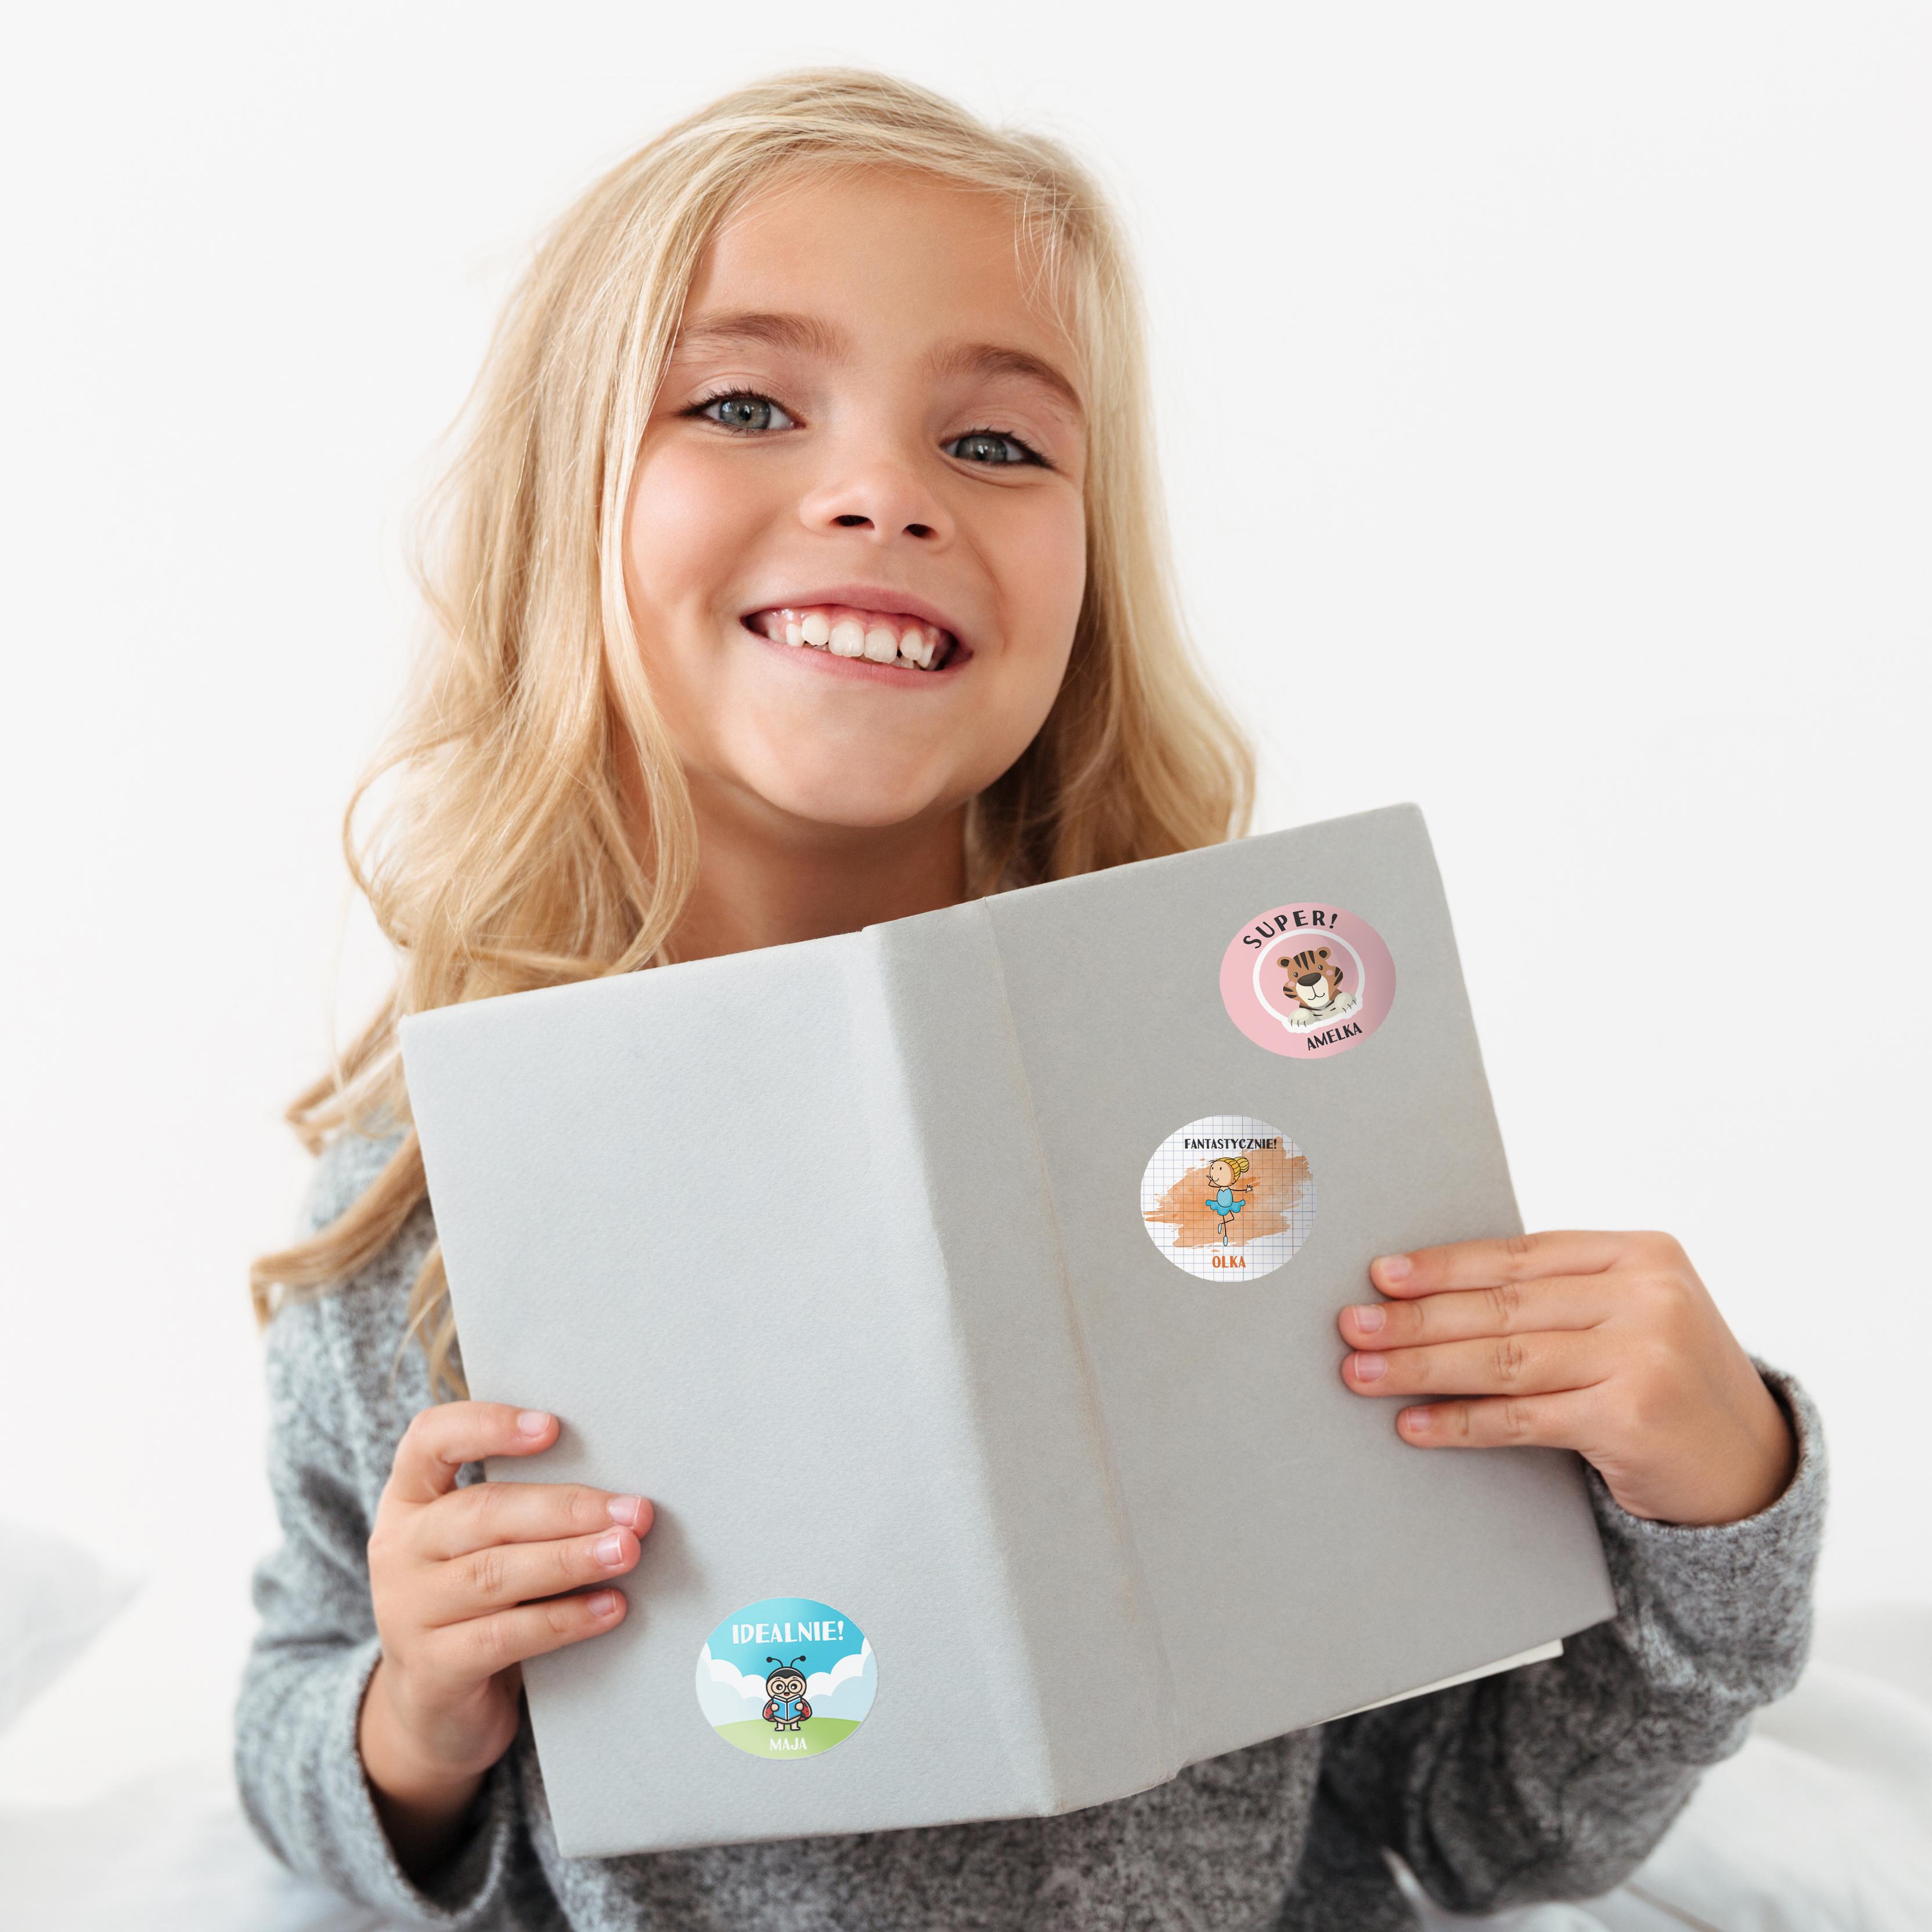 Naklejki motywacyjne dla dzieci szkolne naklejki z imieniem dziecka super chłopiec